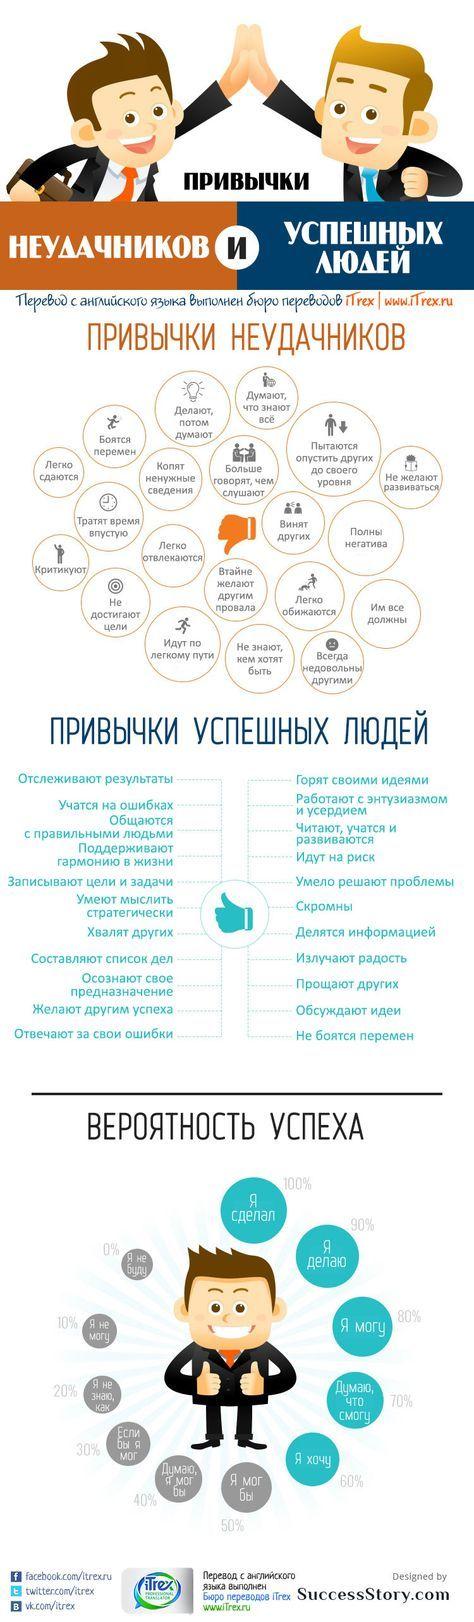 Считается, что если улыбаться чаще, то и #настроение будет лучше (т.е. обратная зависимость). Интересно, если воспользоваться этой инфографикой, сразу станешь успешным? Или не сразу? ;-) http://itrex.ru/news/privychki-neudachnikov-i-uspeshnykh-ludey